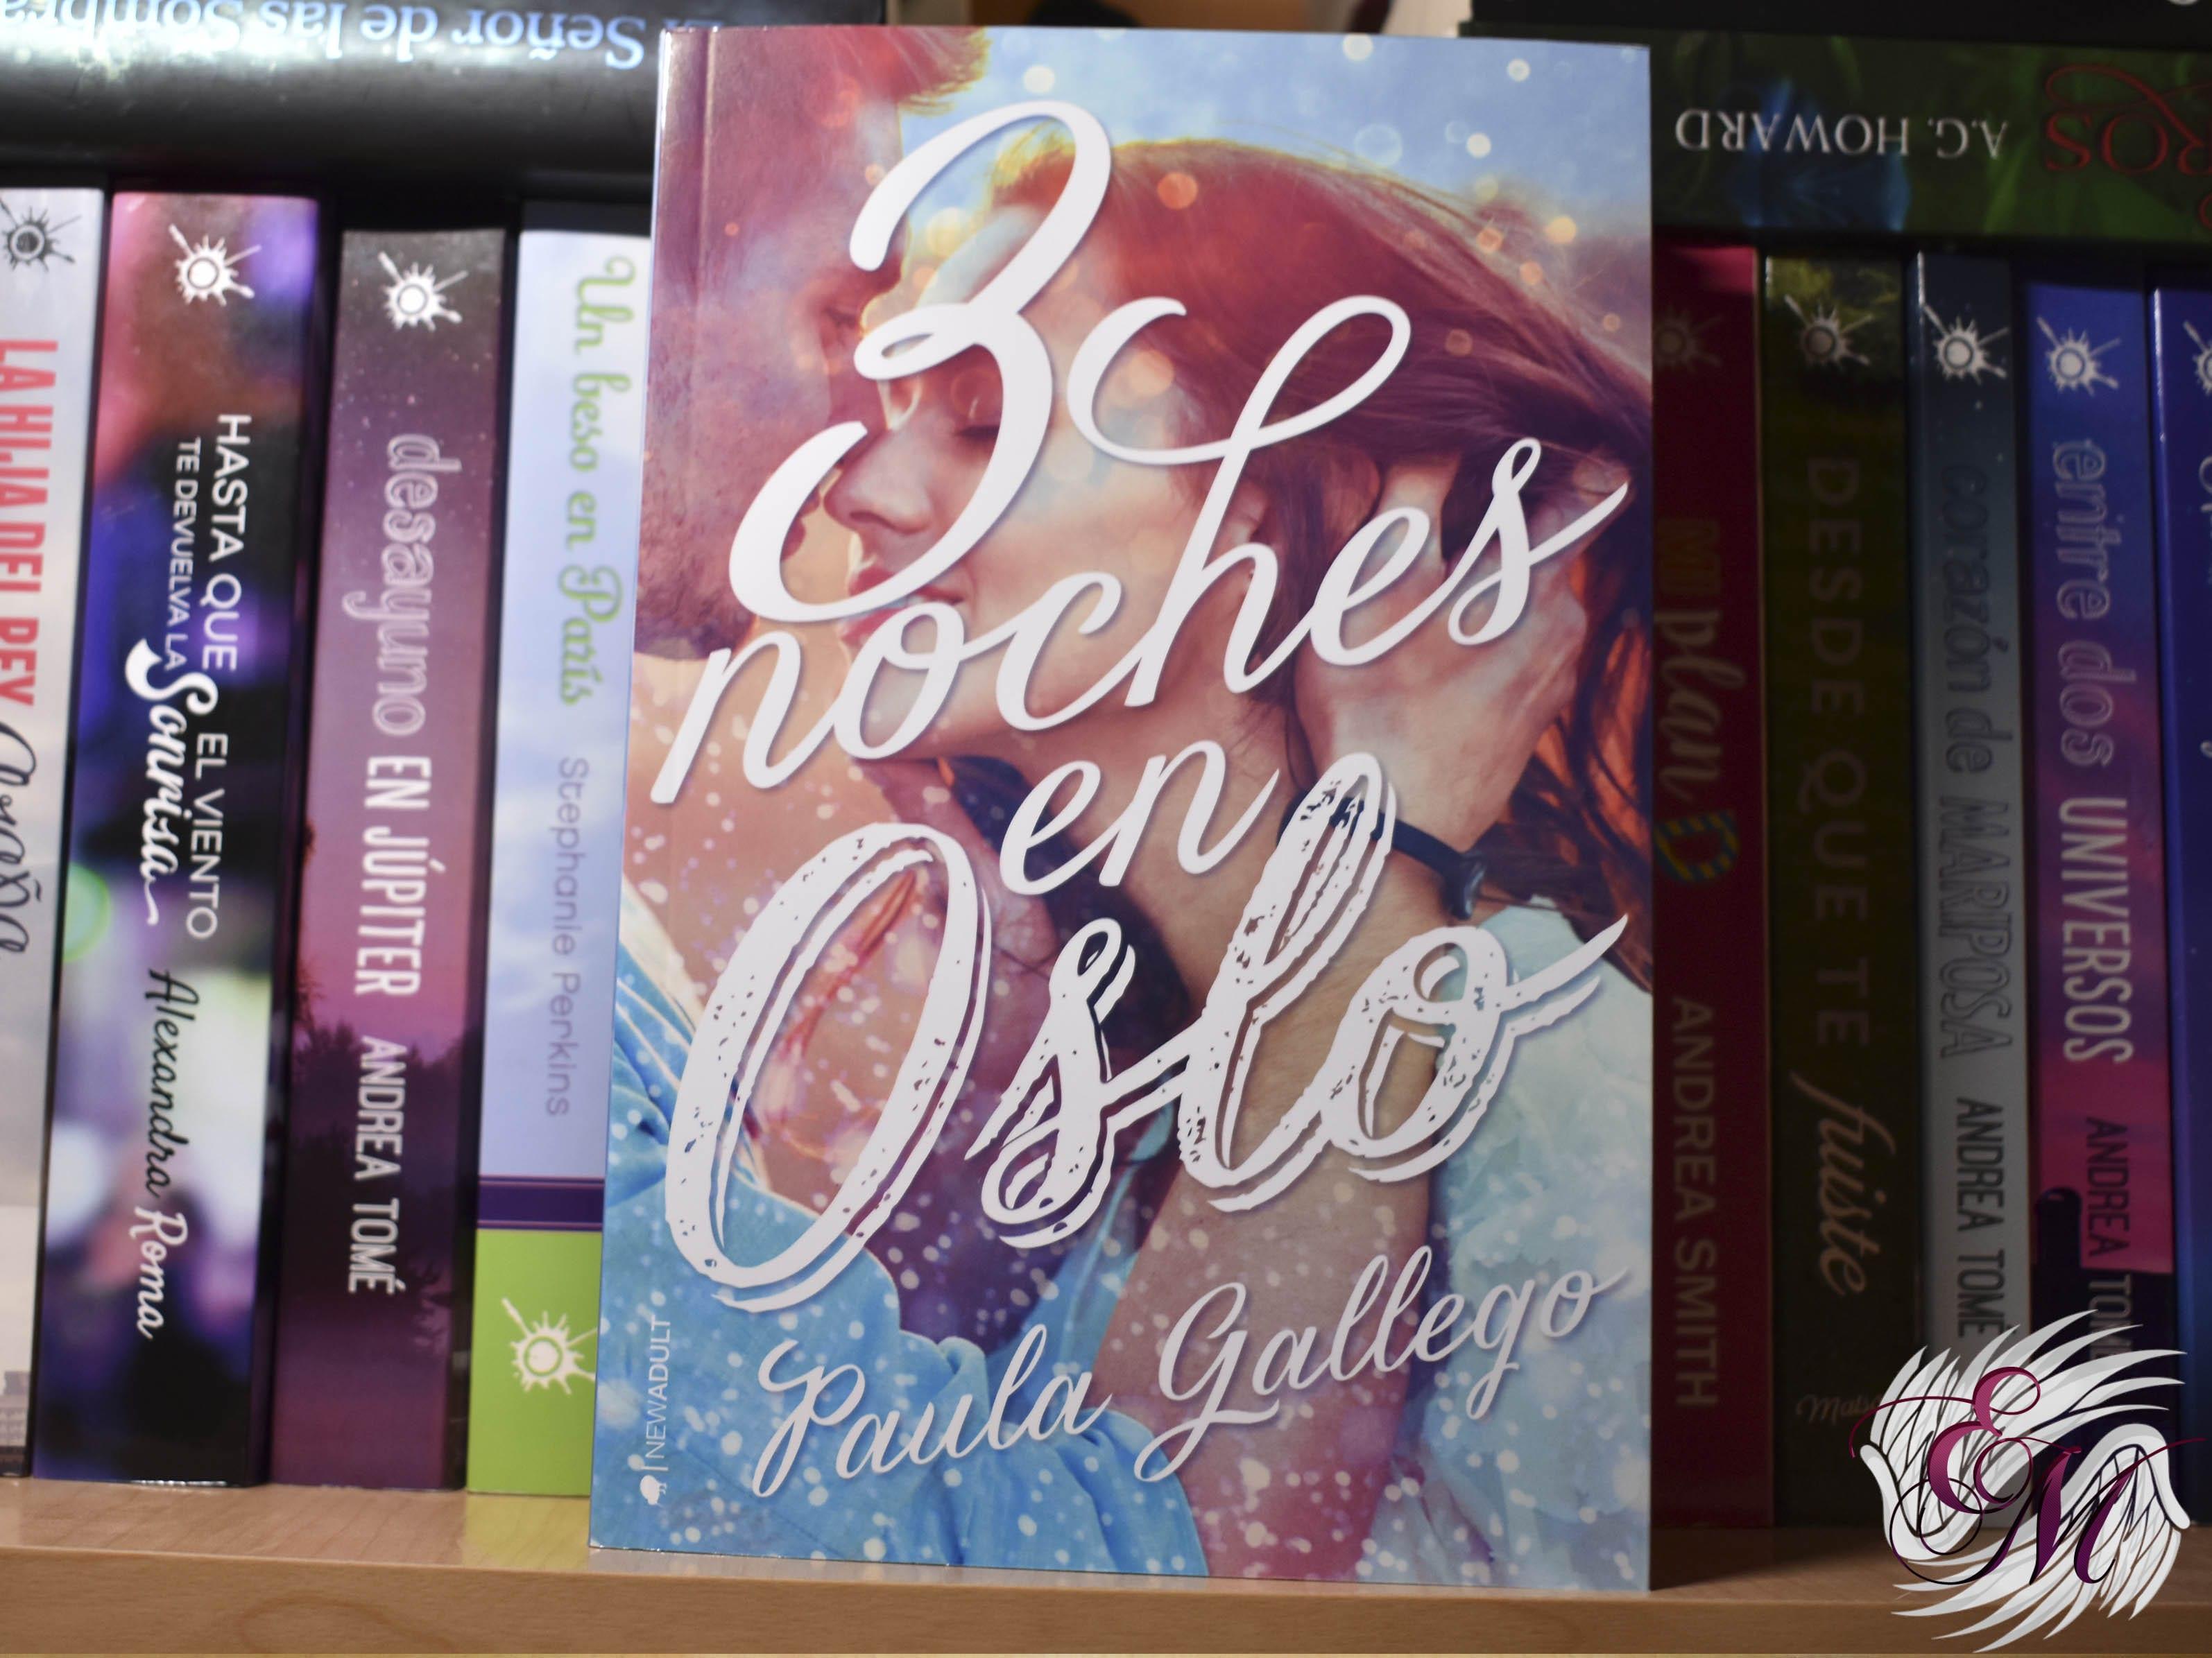 3 noches en Oslo, de Paula Gallego - Reseña